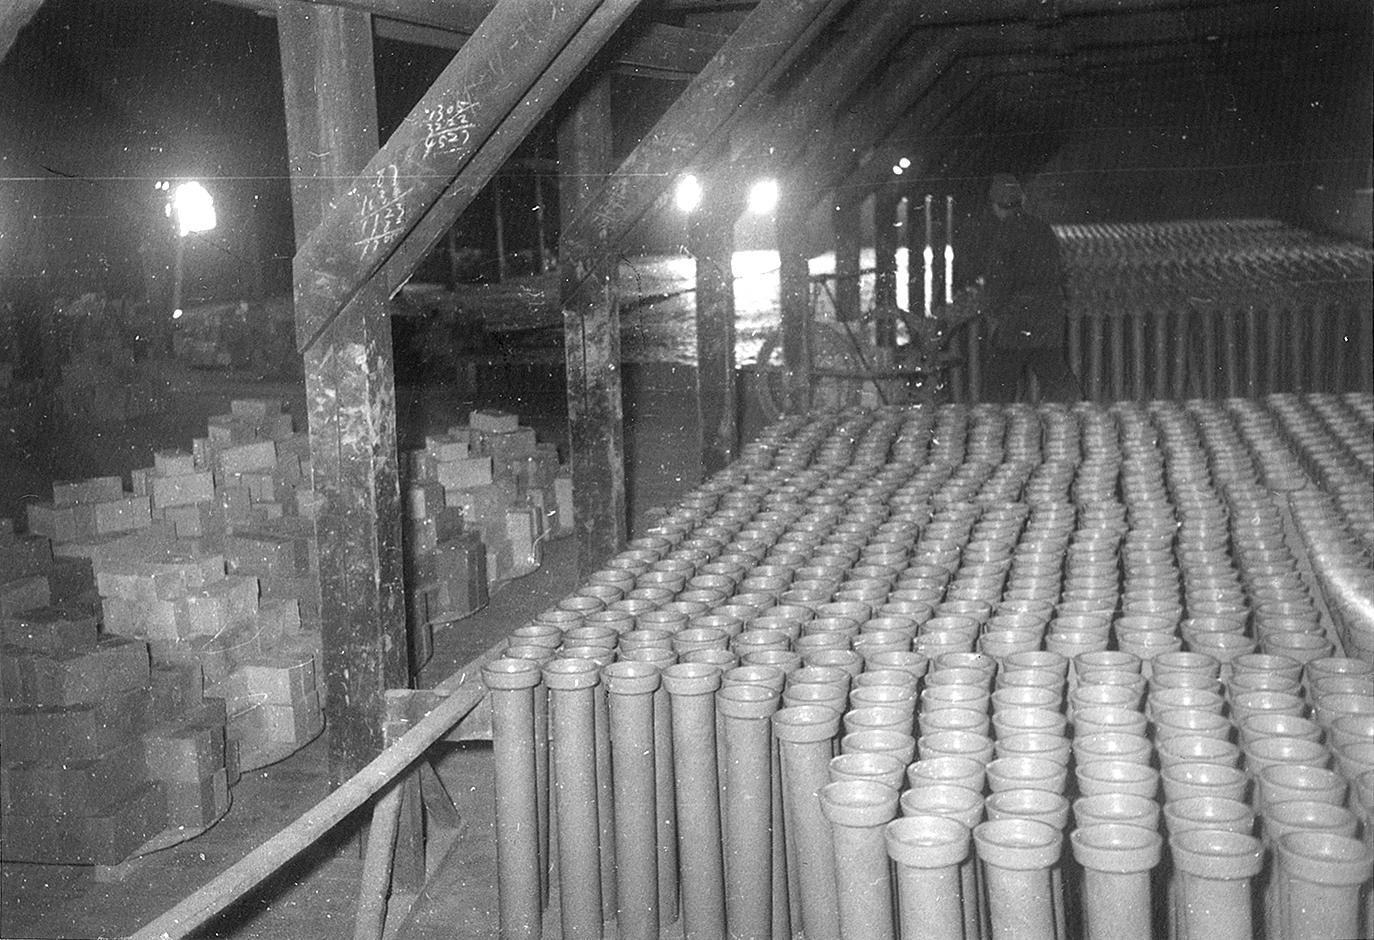 窯業工場内に並んだ土管(昭和25年)